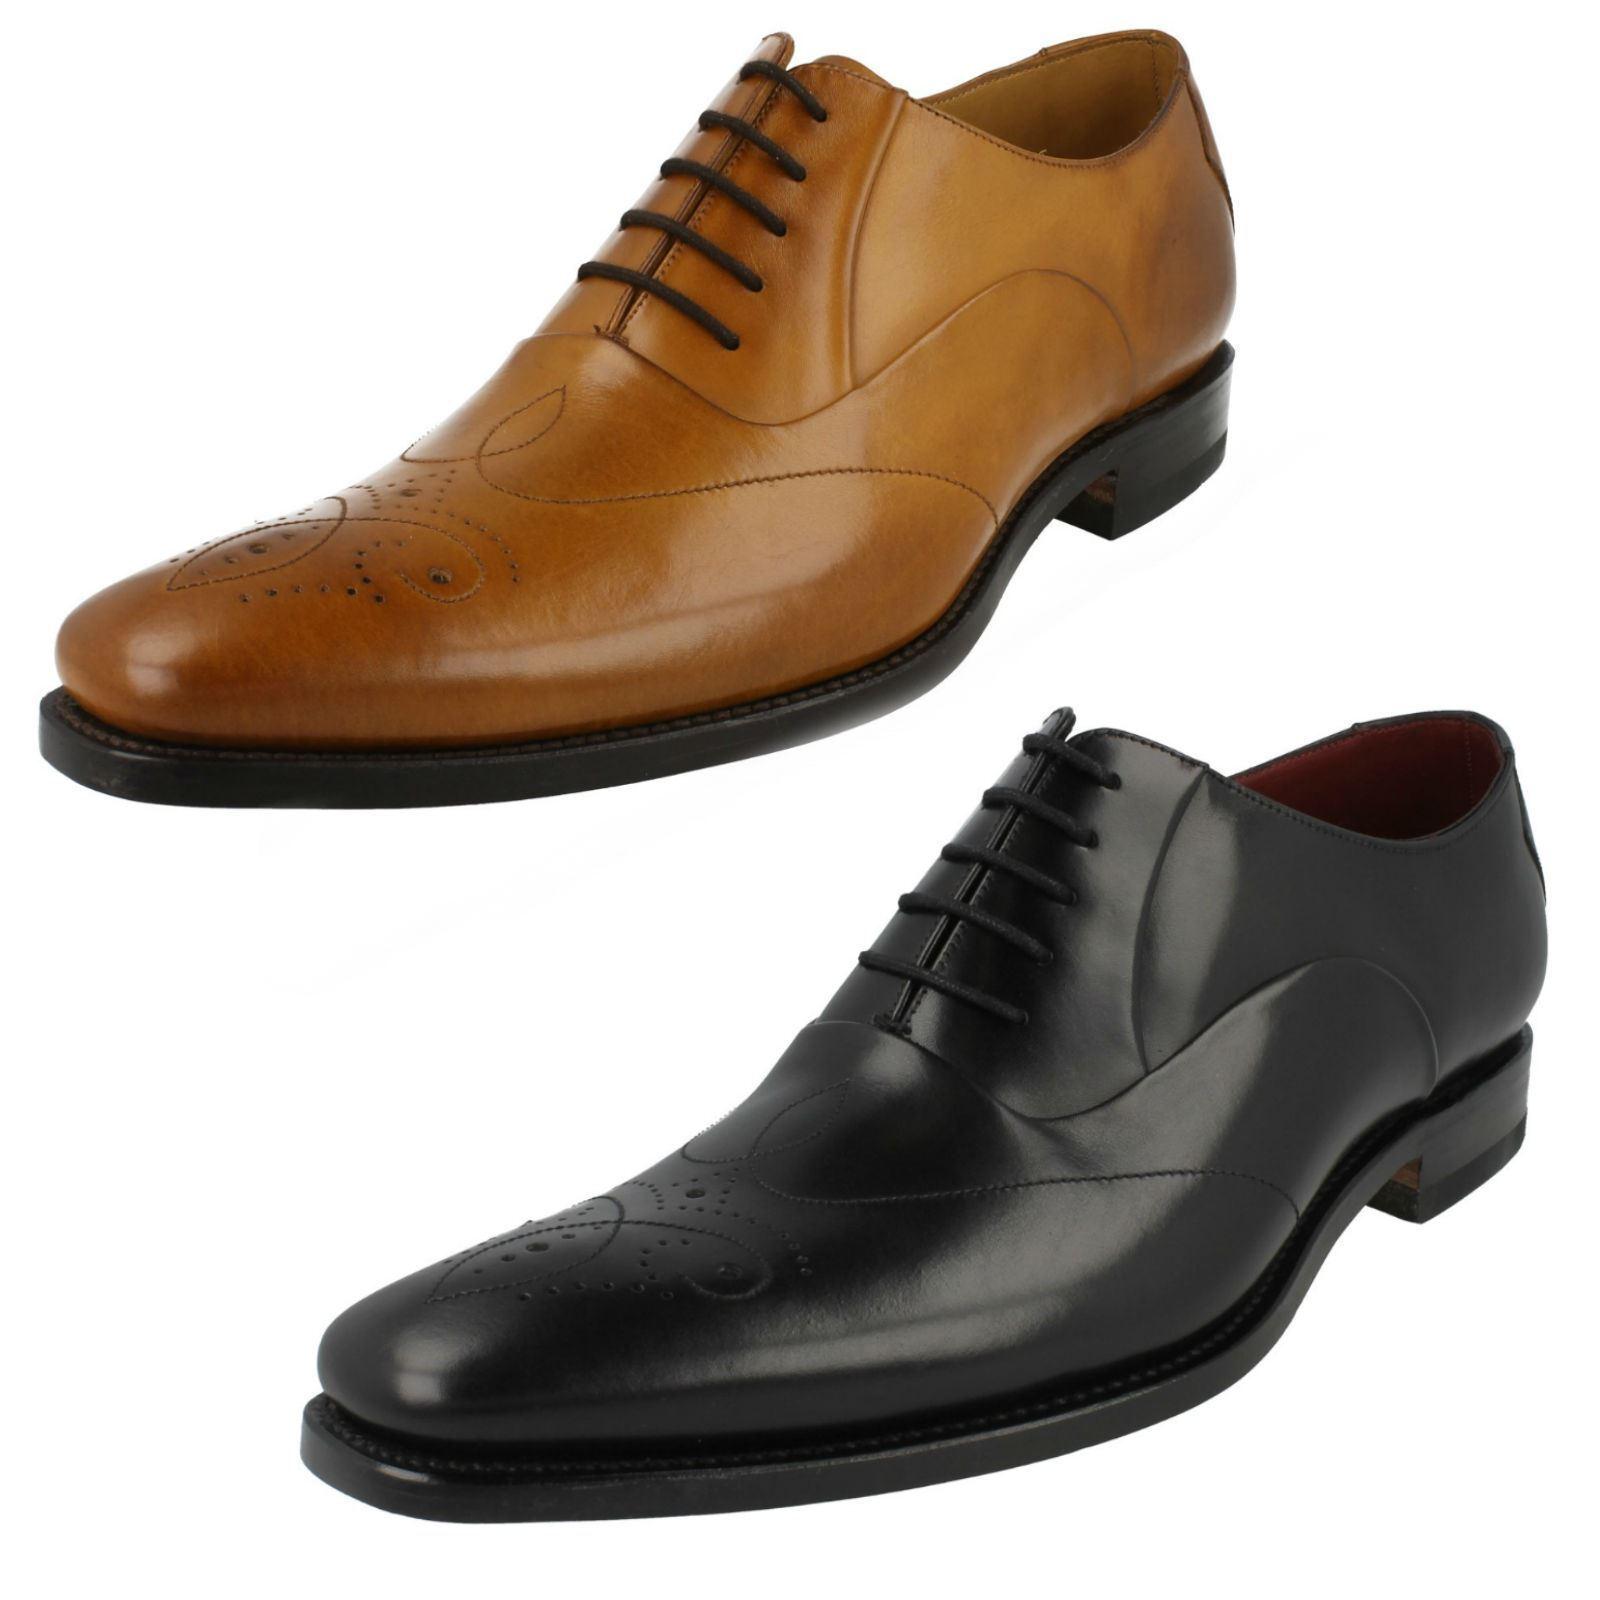 Herren Loake Förmliche Schuhe Schuhe Förmliche - Rupfen 4b1041